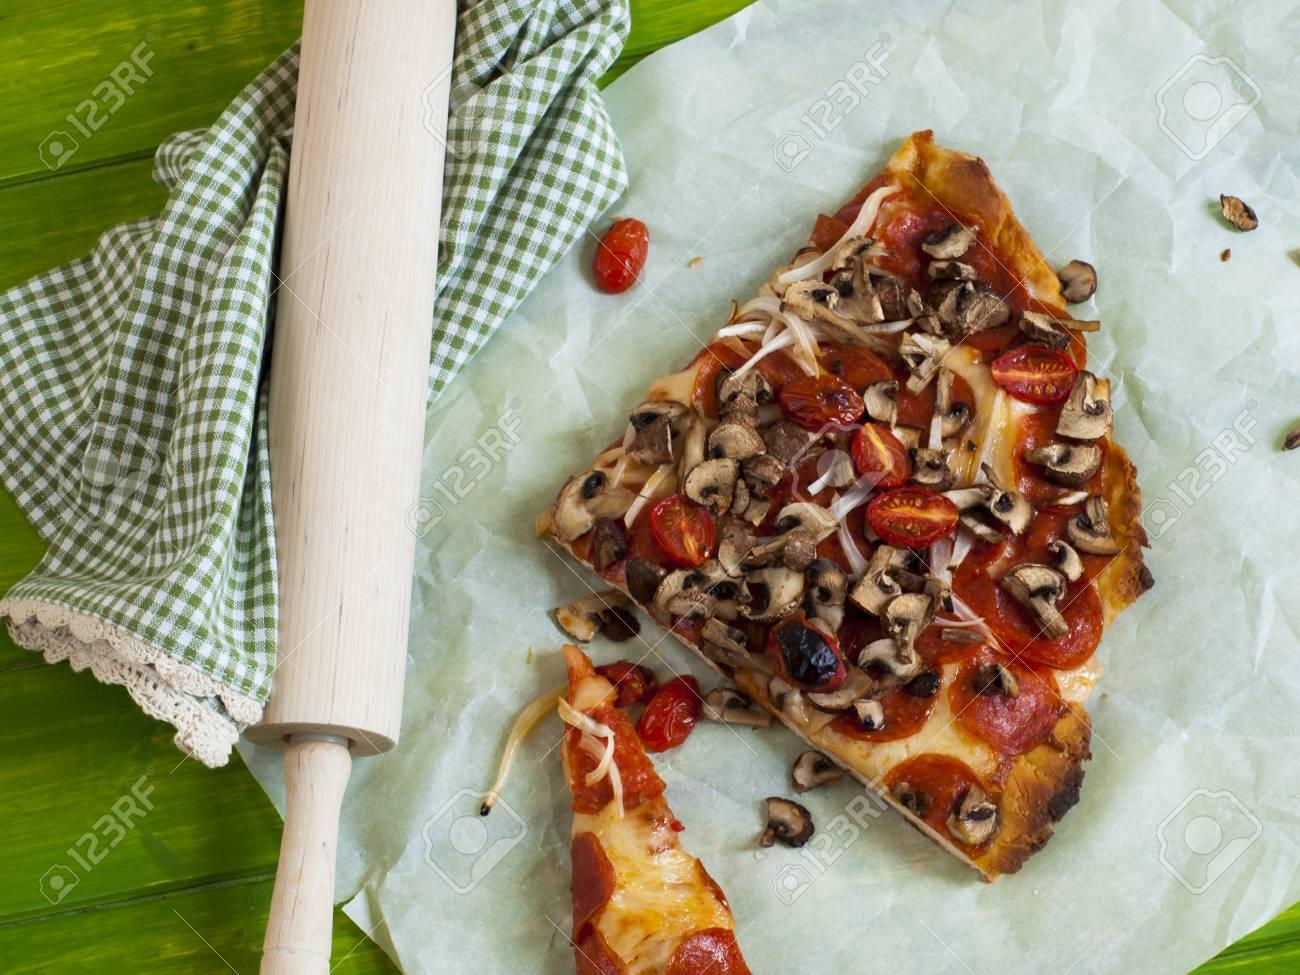 Vegetable pizza served for dinner. Stock Photo - 13678320